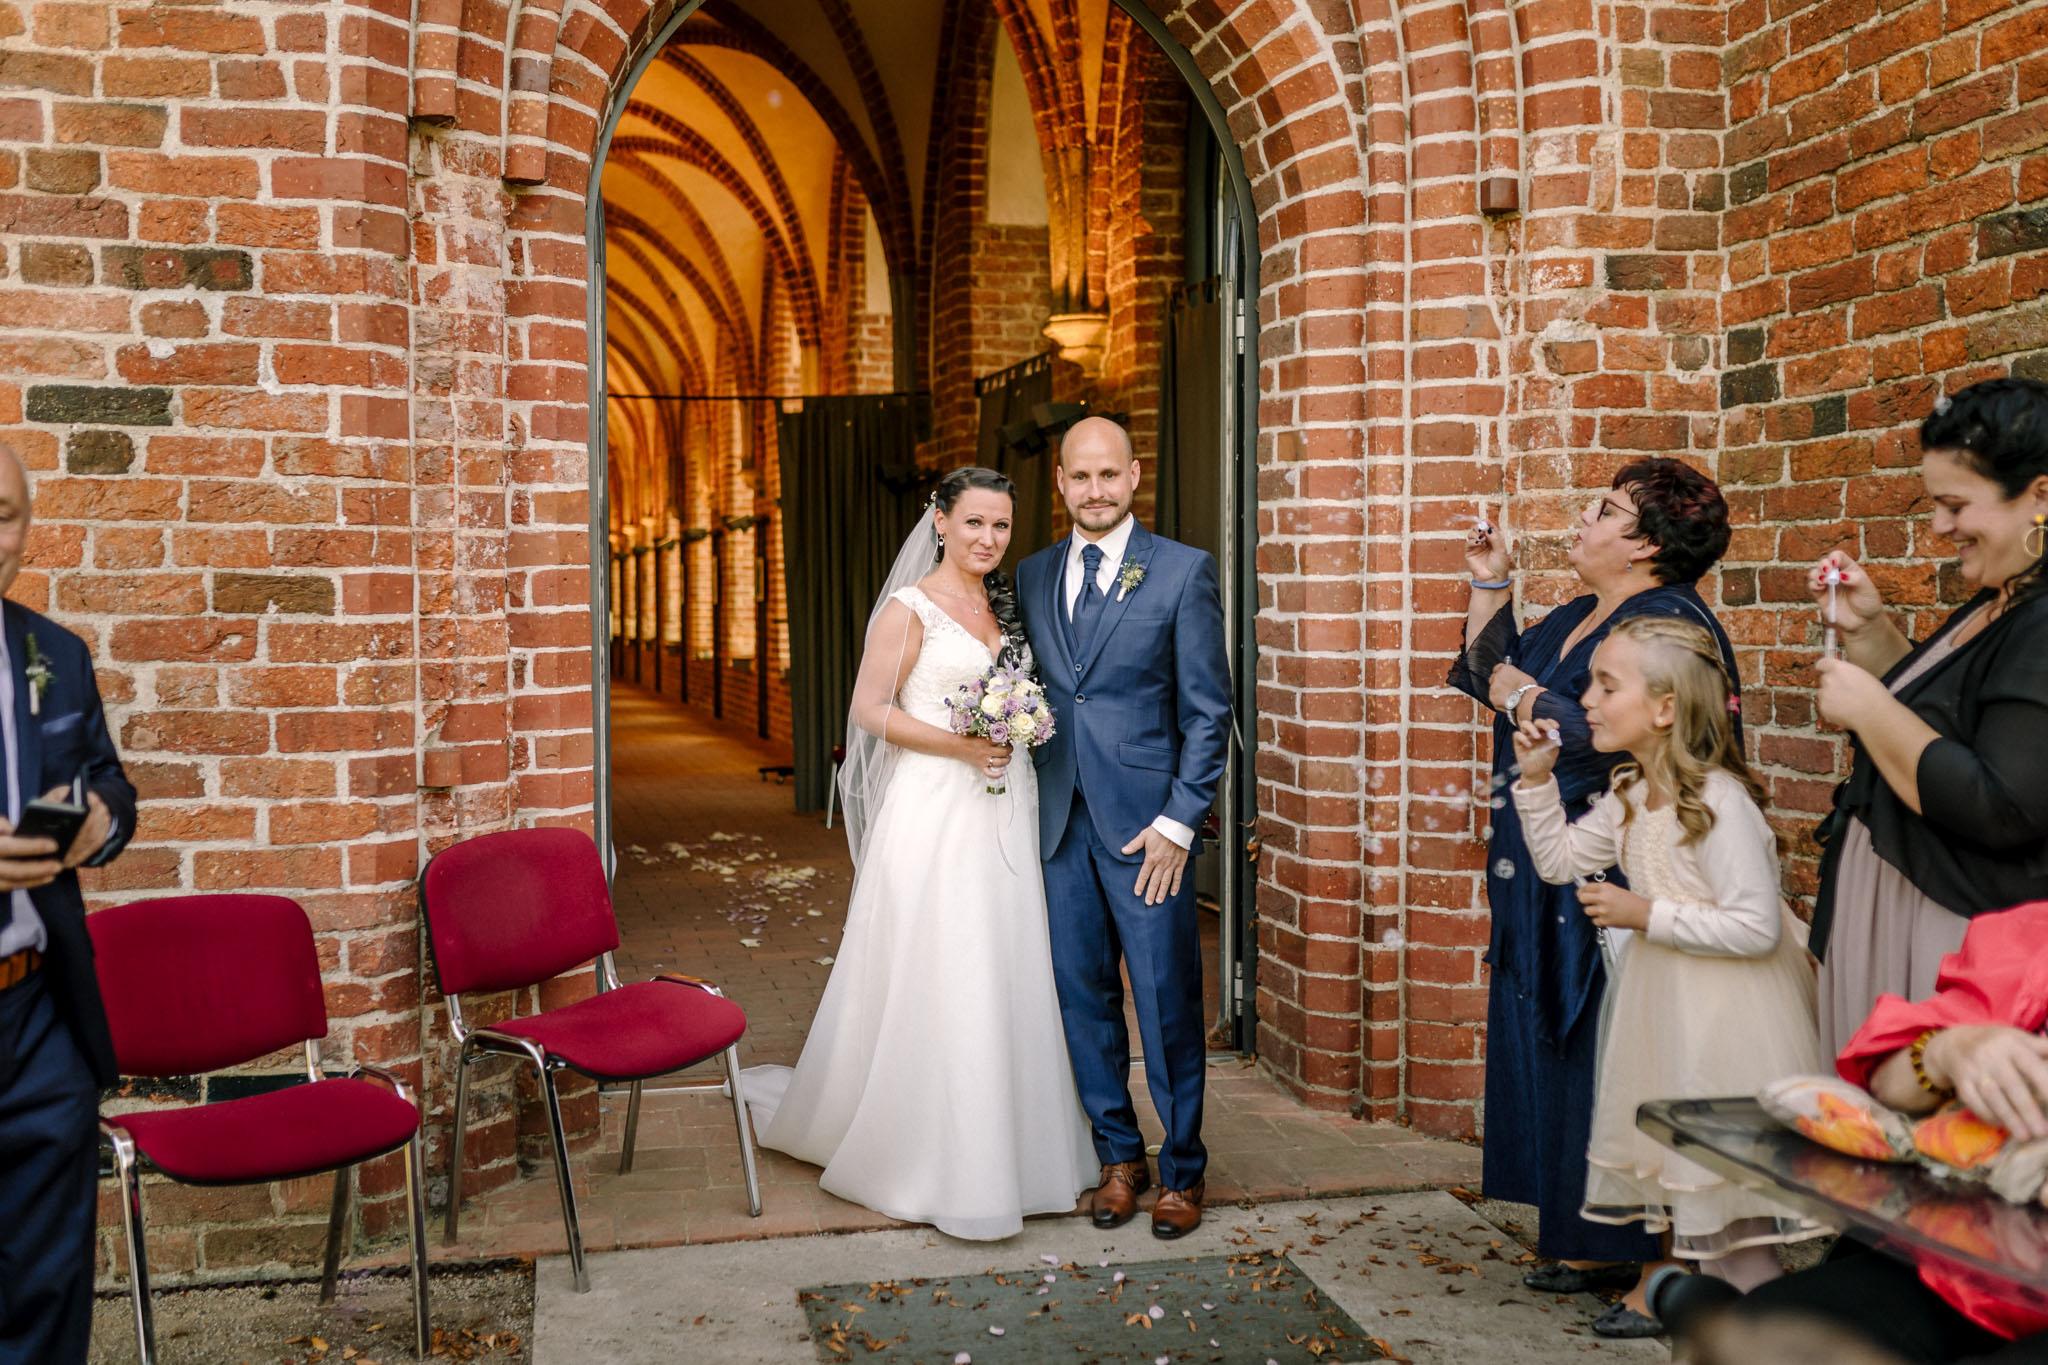 Hochzeitsfieber by Photo-Schomburg, Hochzeitsfotograf, Hamburg,Hochzeitstag, Hochzeitspaar, Braut, Bräutigam, Literaturhauscafe Zarrentin-55